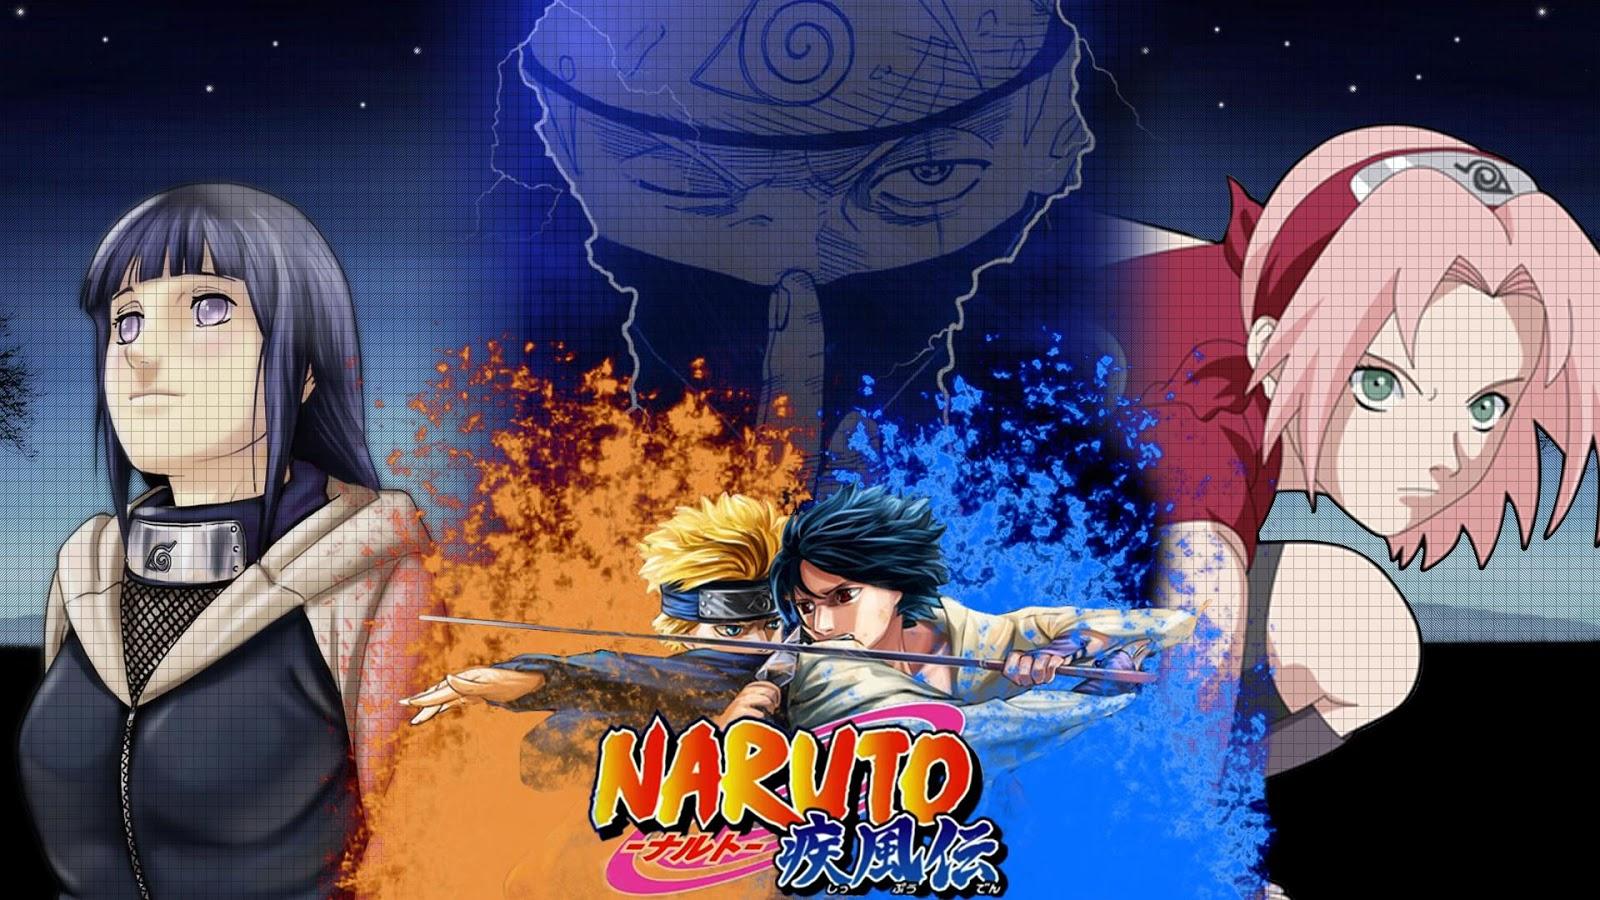 wallpapers hd for mac: Naruto Shippuden Wallpaper HD